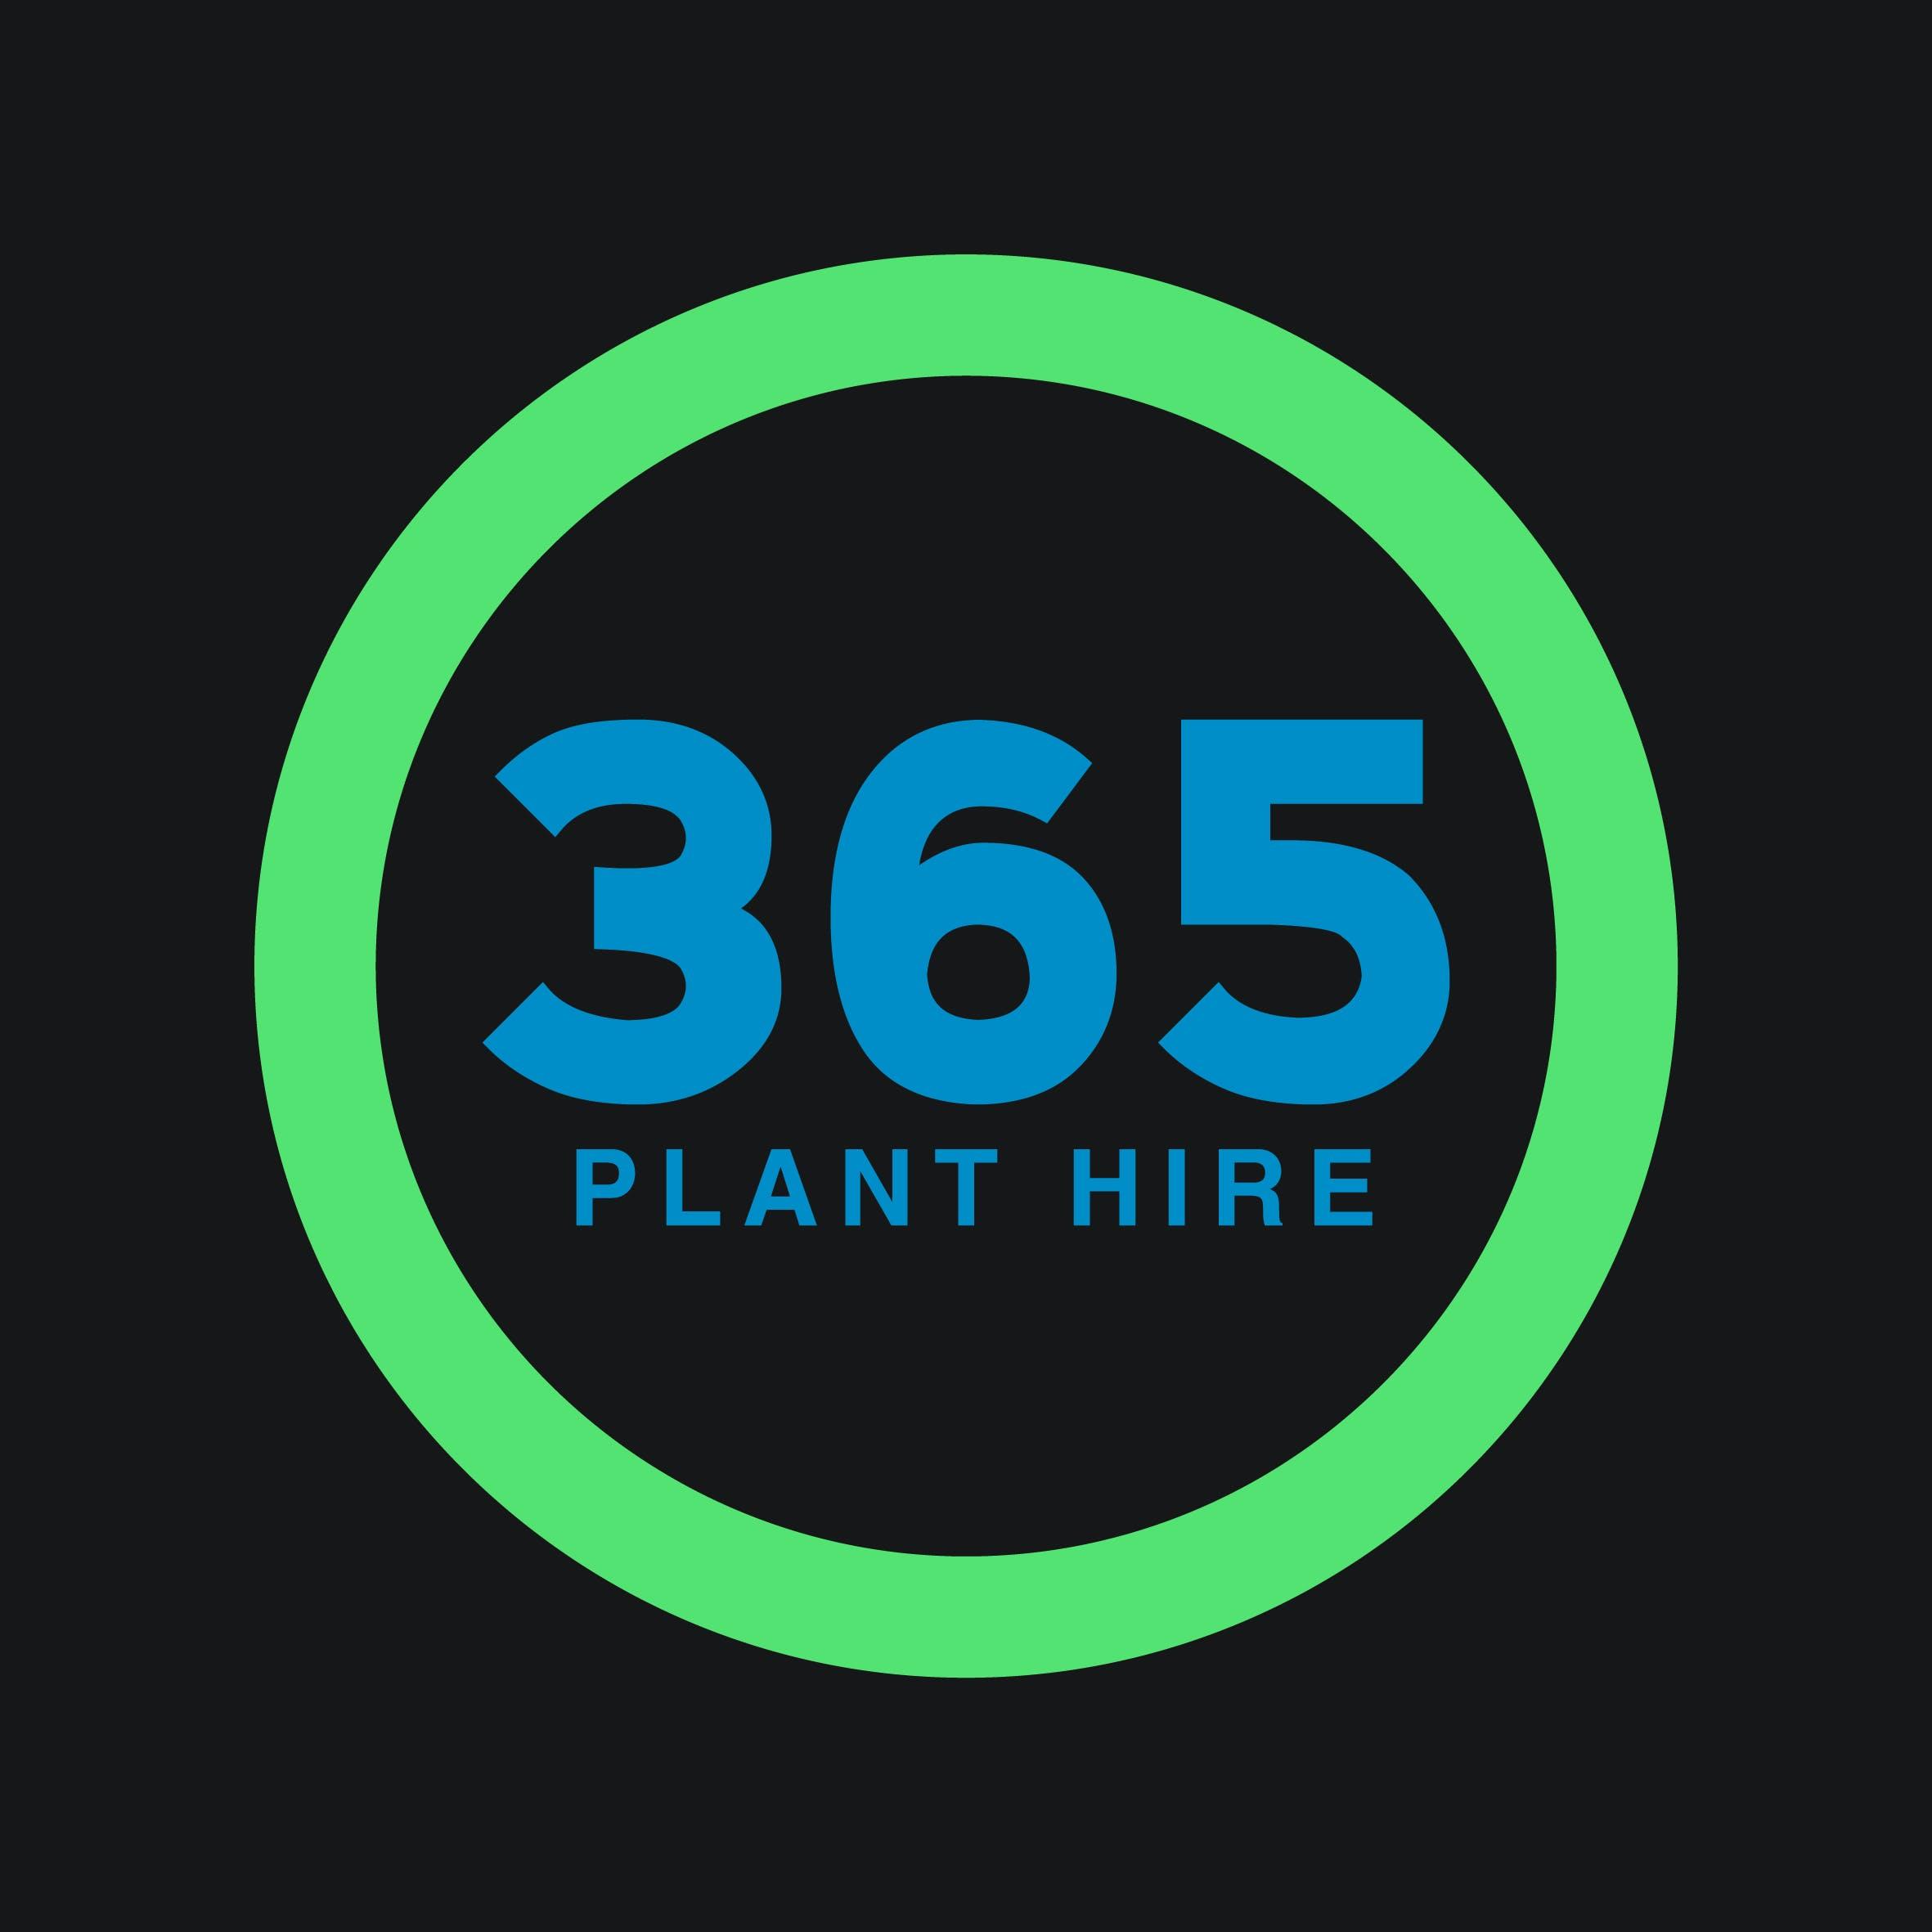 365 Plant Hire